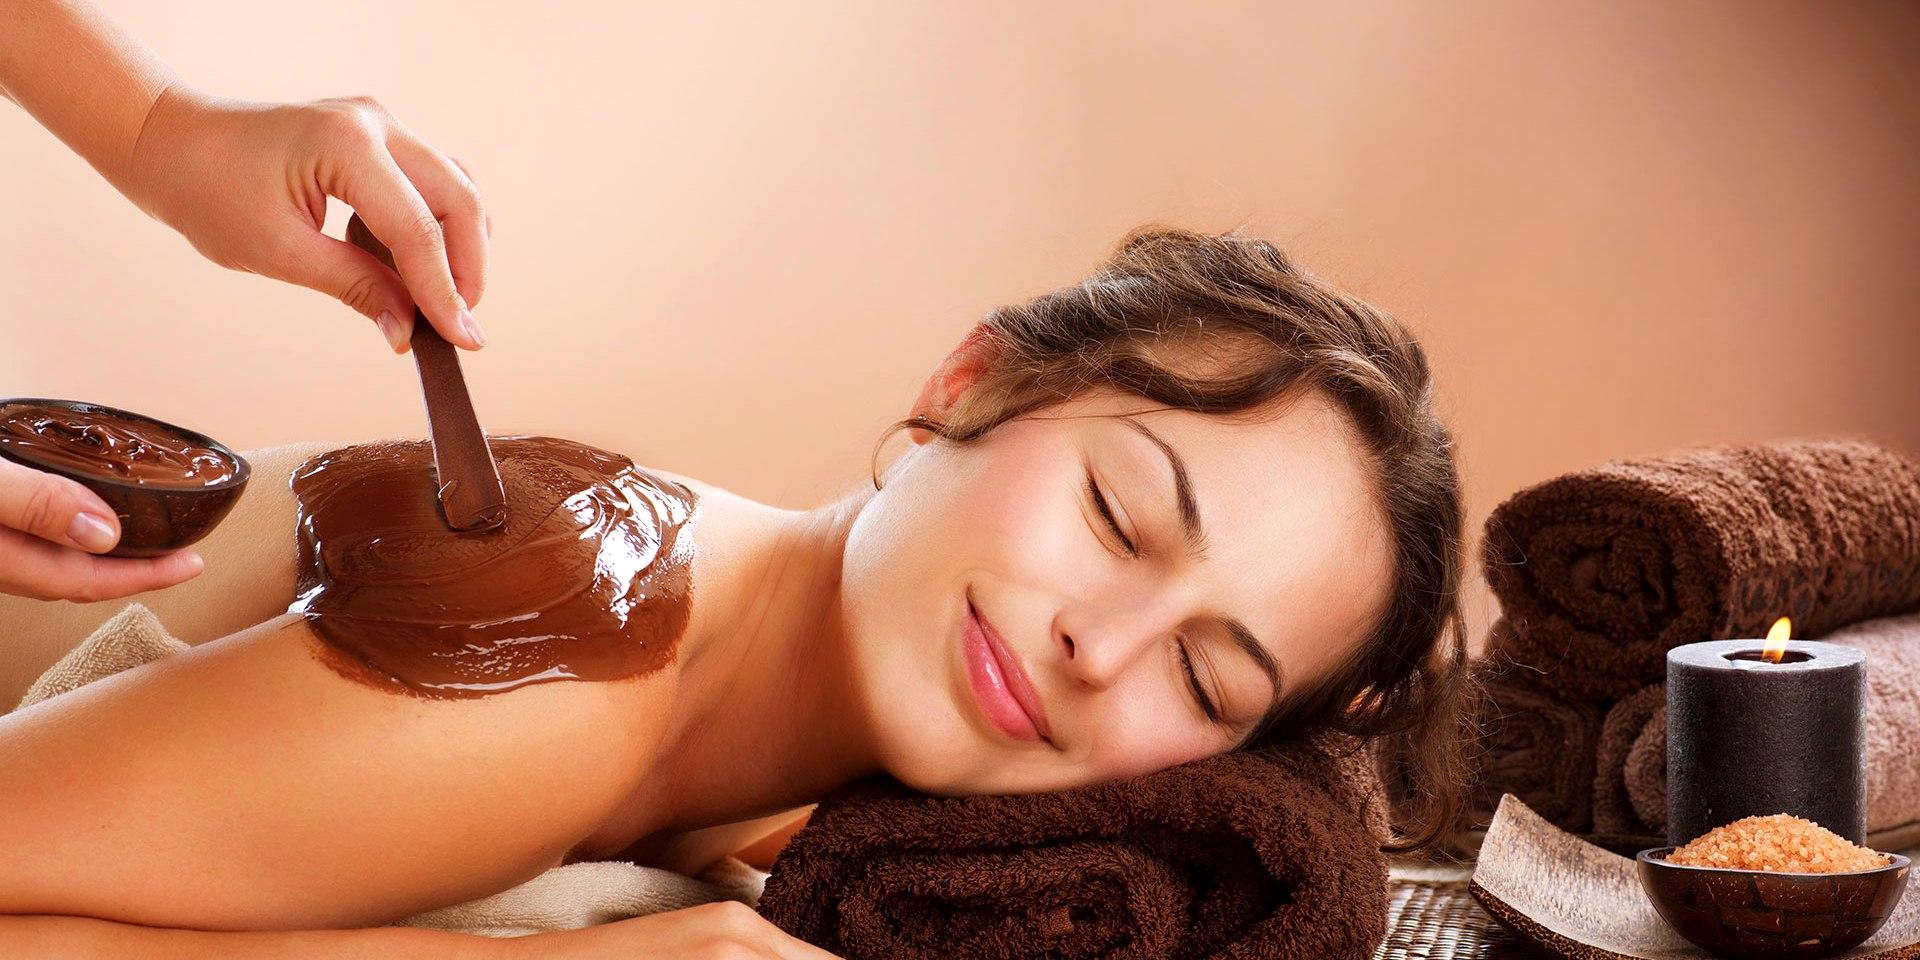 маска из какао порошка - Какао порошок – самый вкусный и ароматный косметолог!